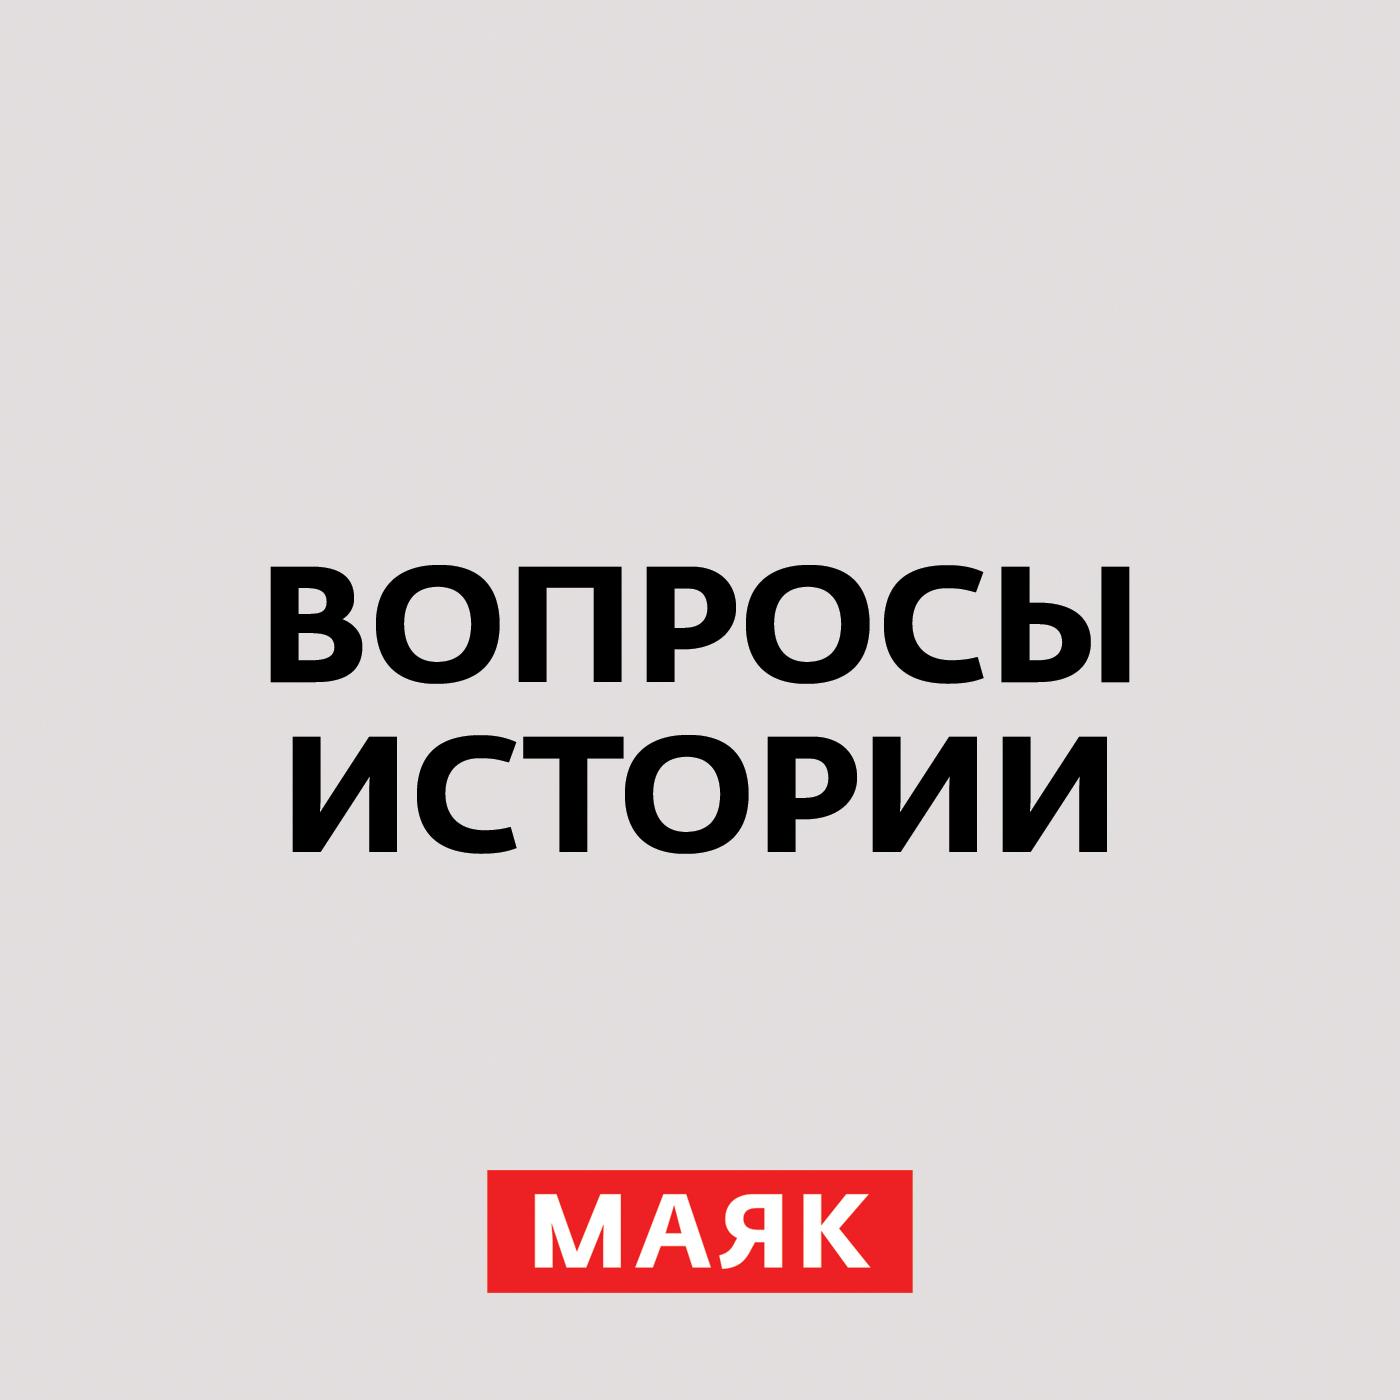 Андрей Светенко Брусиловский прорыв как ярчайшее проявление русского военного духа. Часть 3 андрей светенко речь сталина 3 июля почему каждый абзац вызывает недовольство часть 3